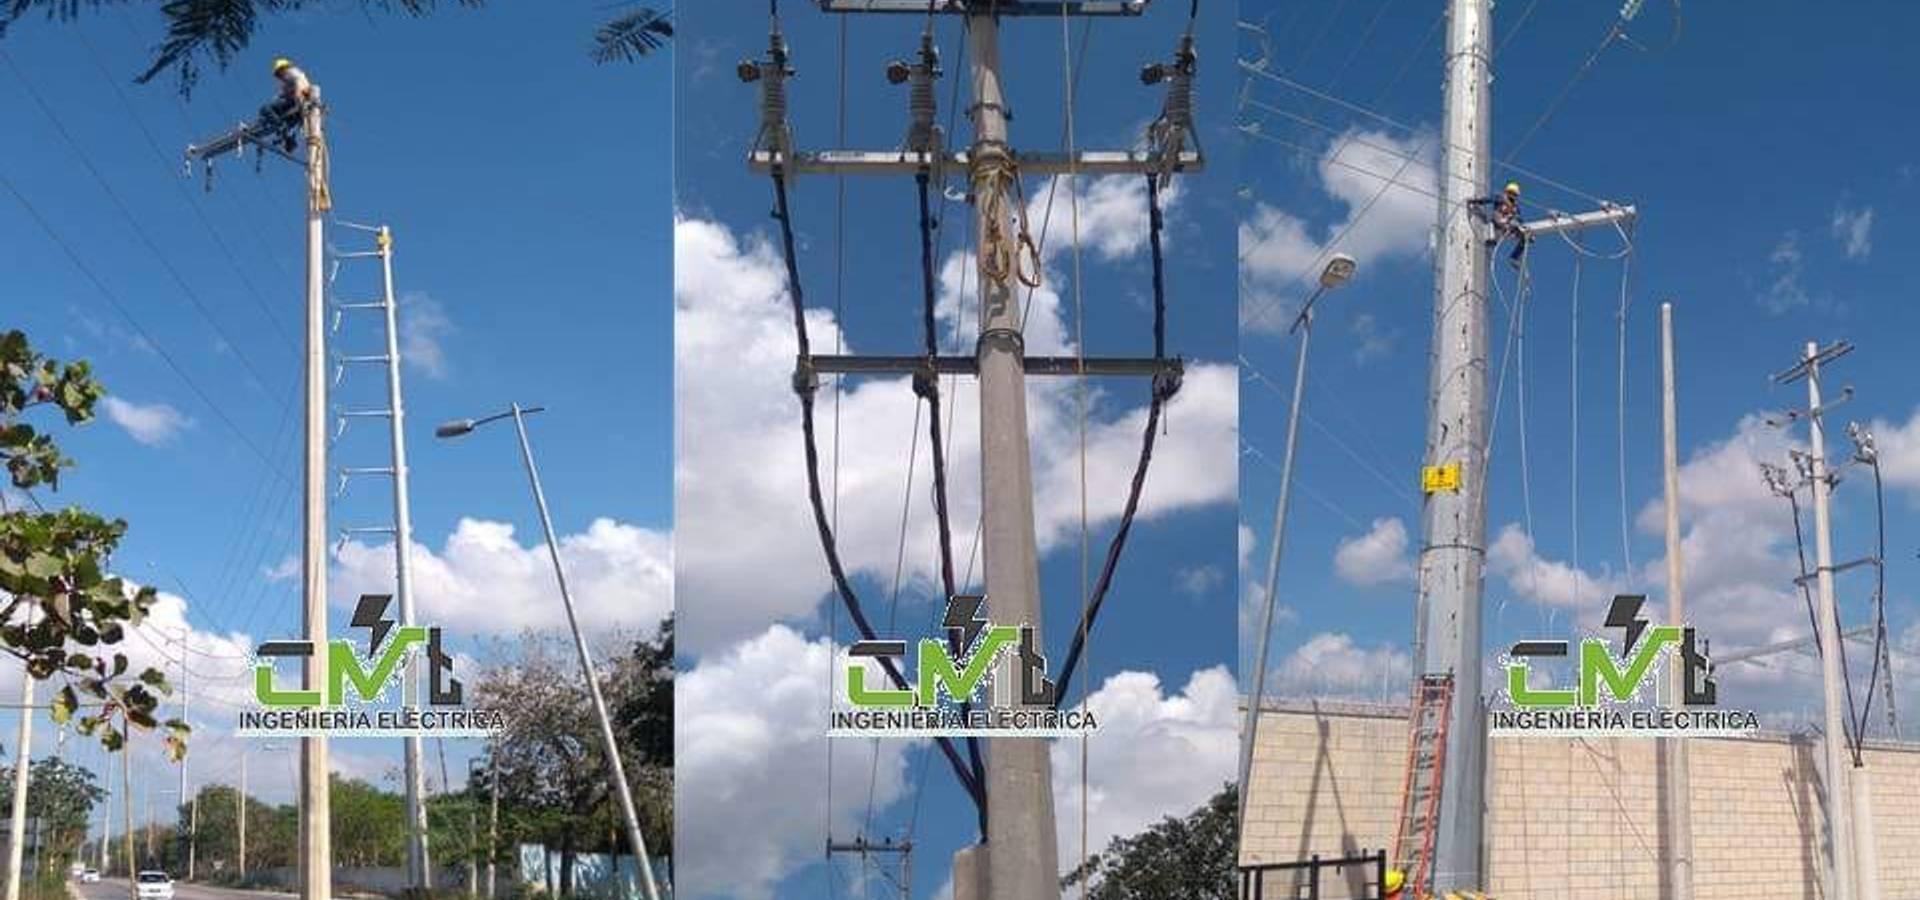 Instalaciones Eléctricas CMT